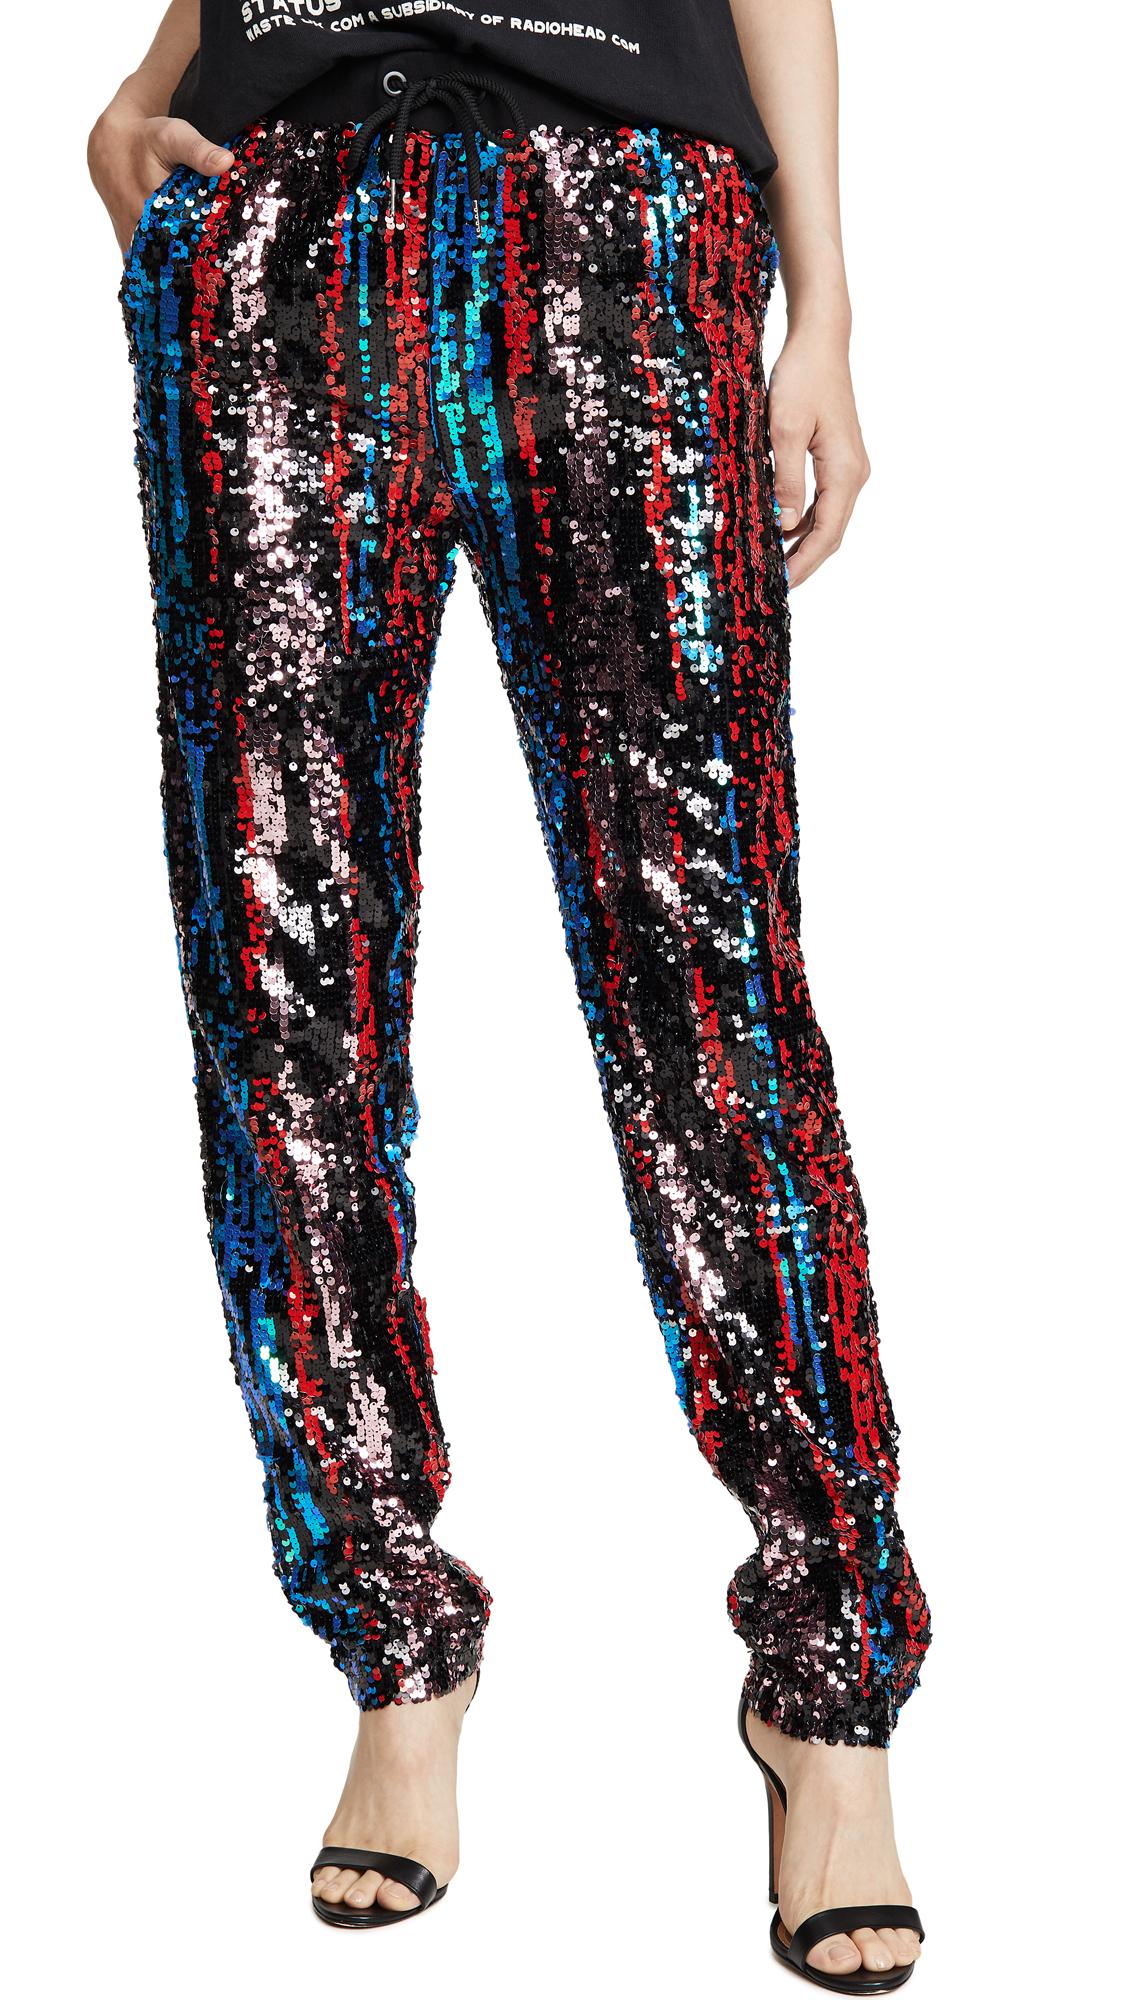 Kendall + Kylie Studio 54 Pants In Pop Art Sequin